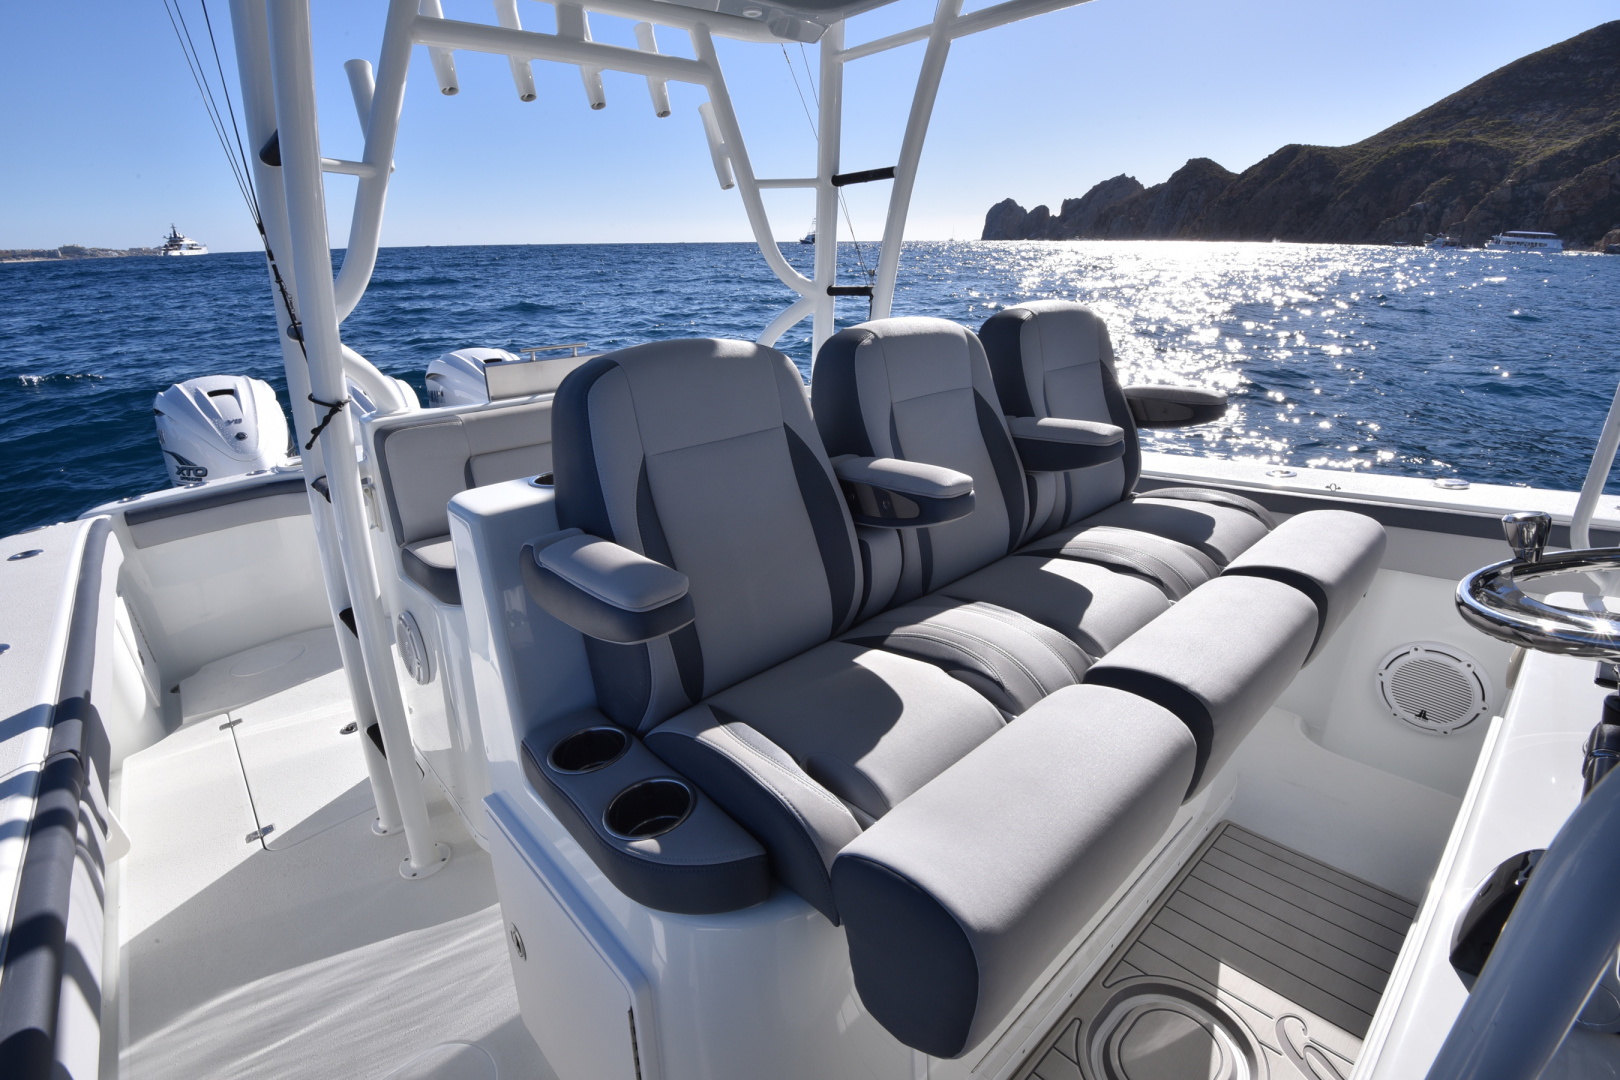 Yellowfin-42 Center Console 2015-Tejas Cabo San Lucas-Mexico-2015 Yellowfin 42 Center Console  Tejas  Helm Seating-1573503 | Thumbnail